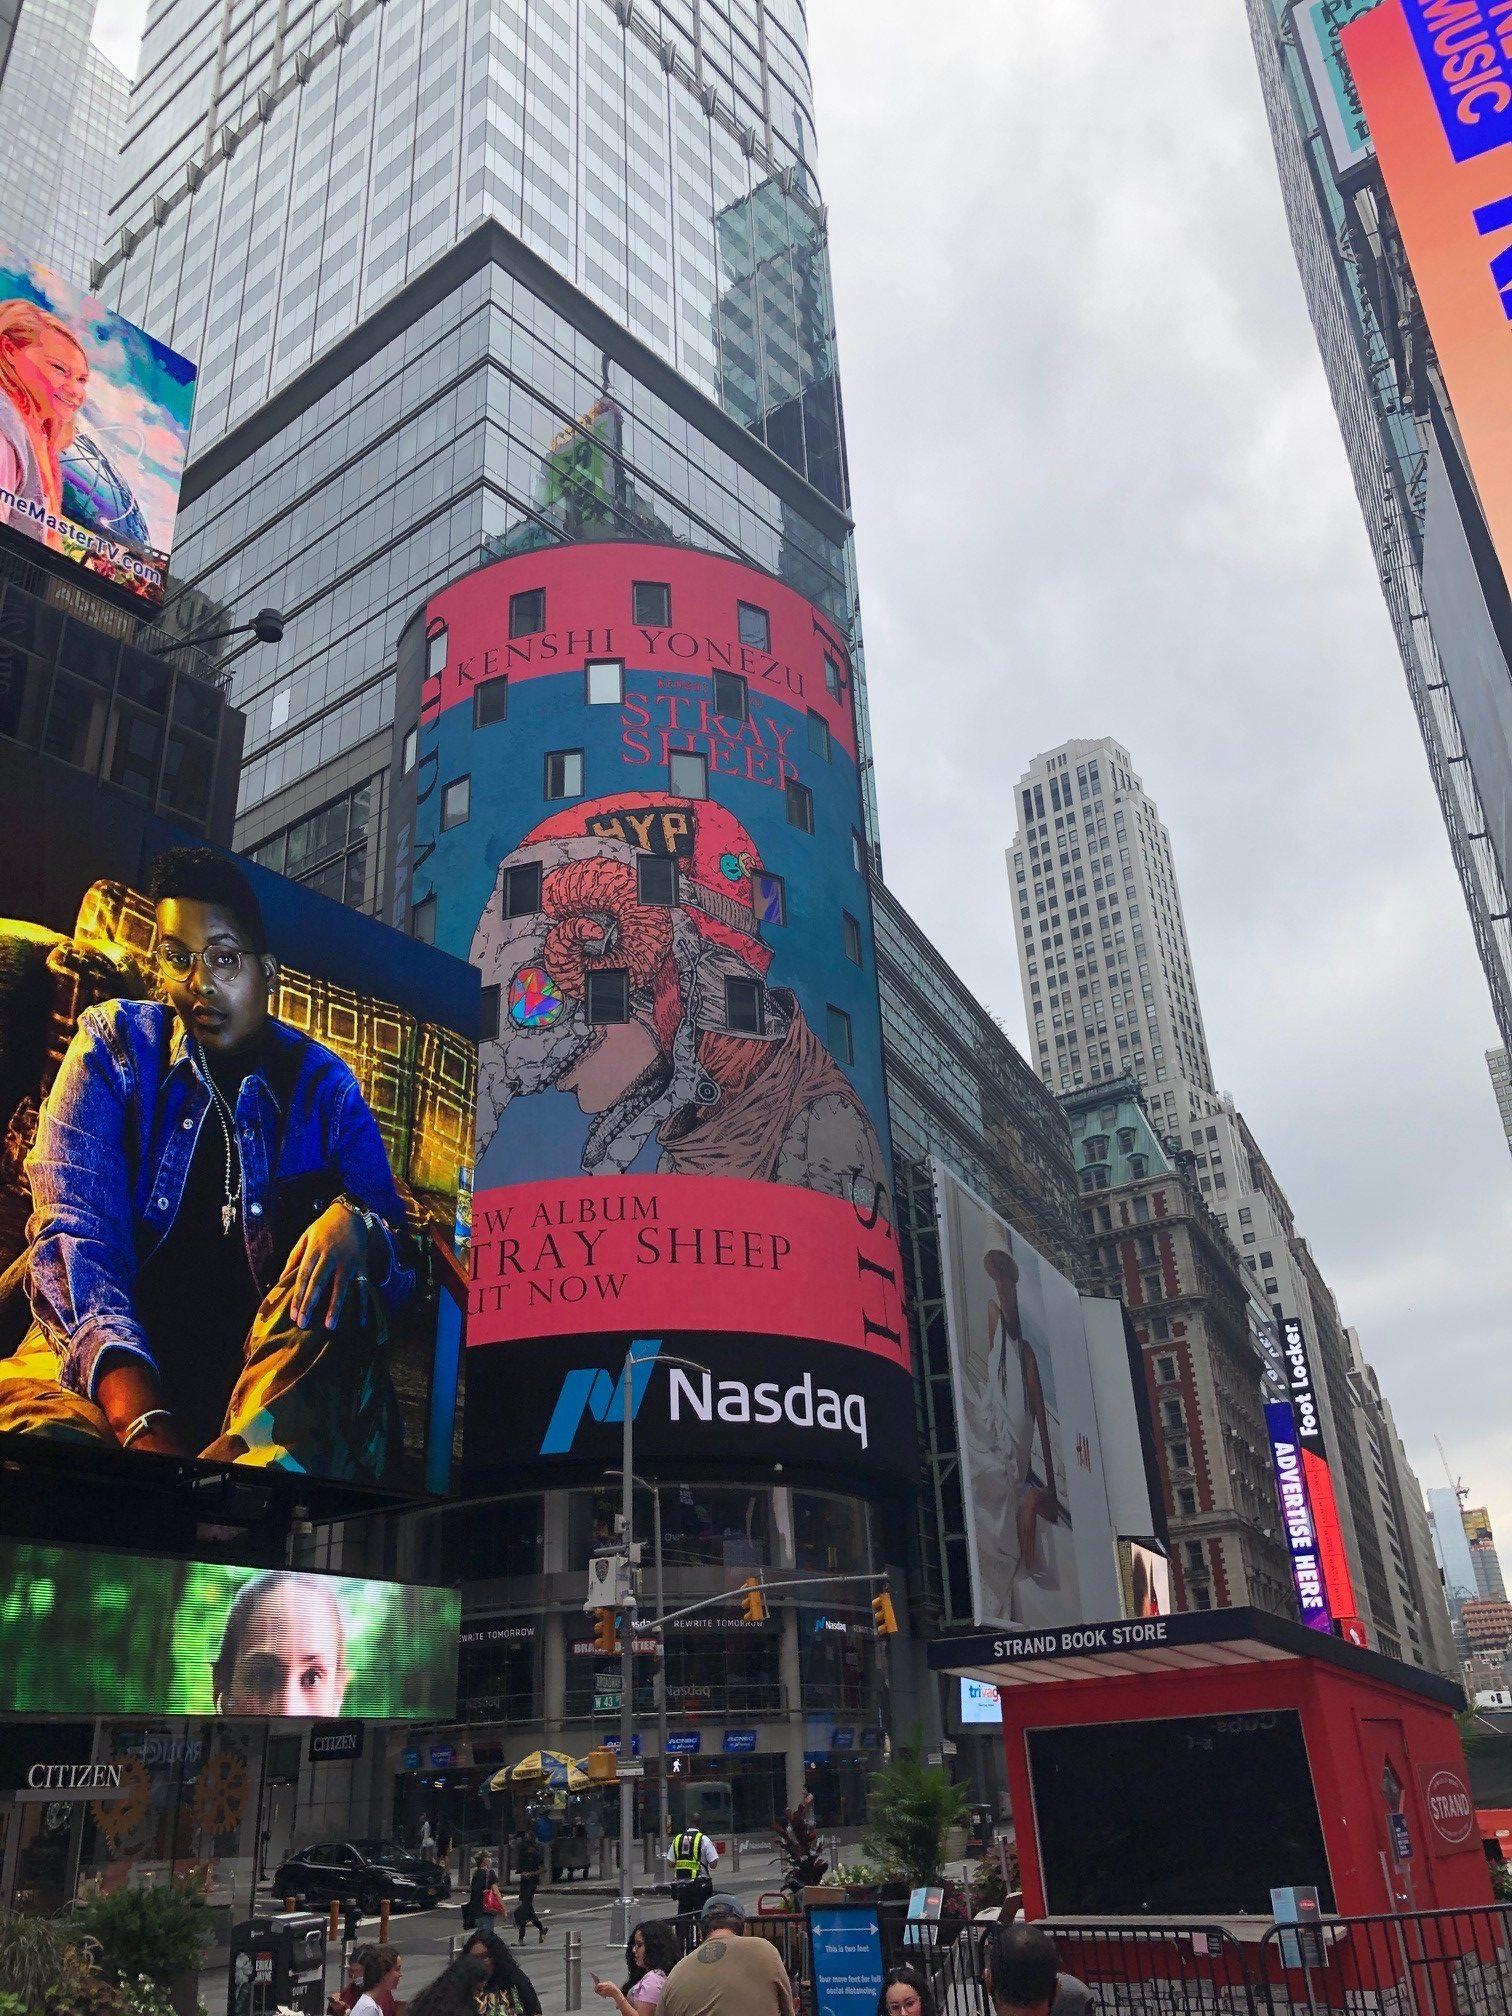 Yonezu NASDAQ billboard